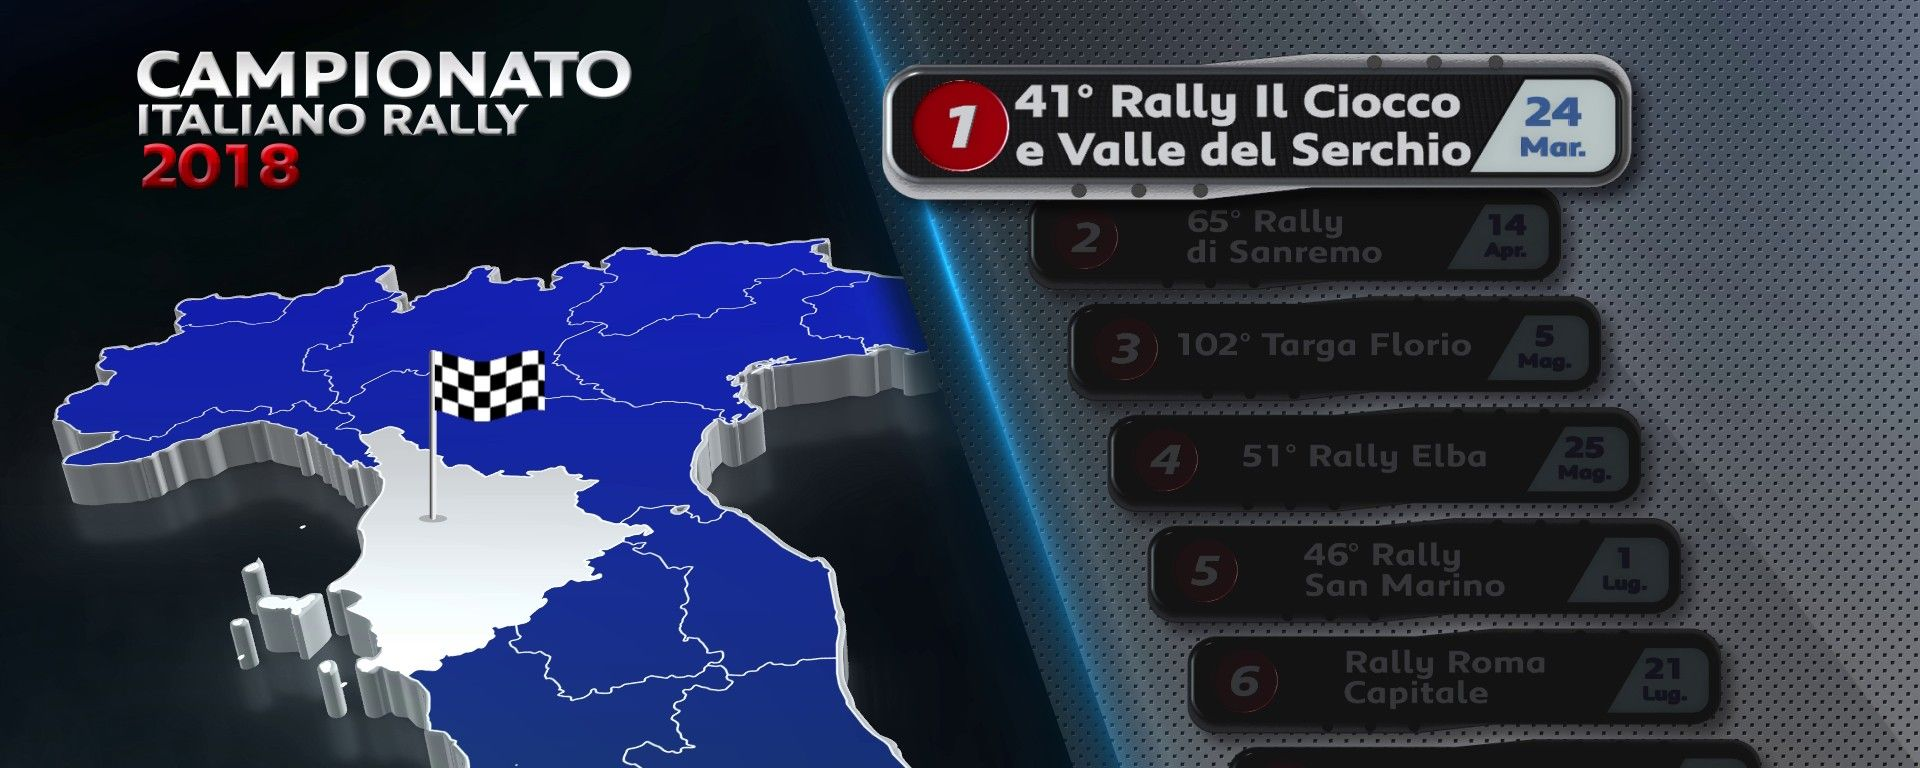 CIR 2018: il 41° rally Il Ciocco da il via alla stagione